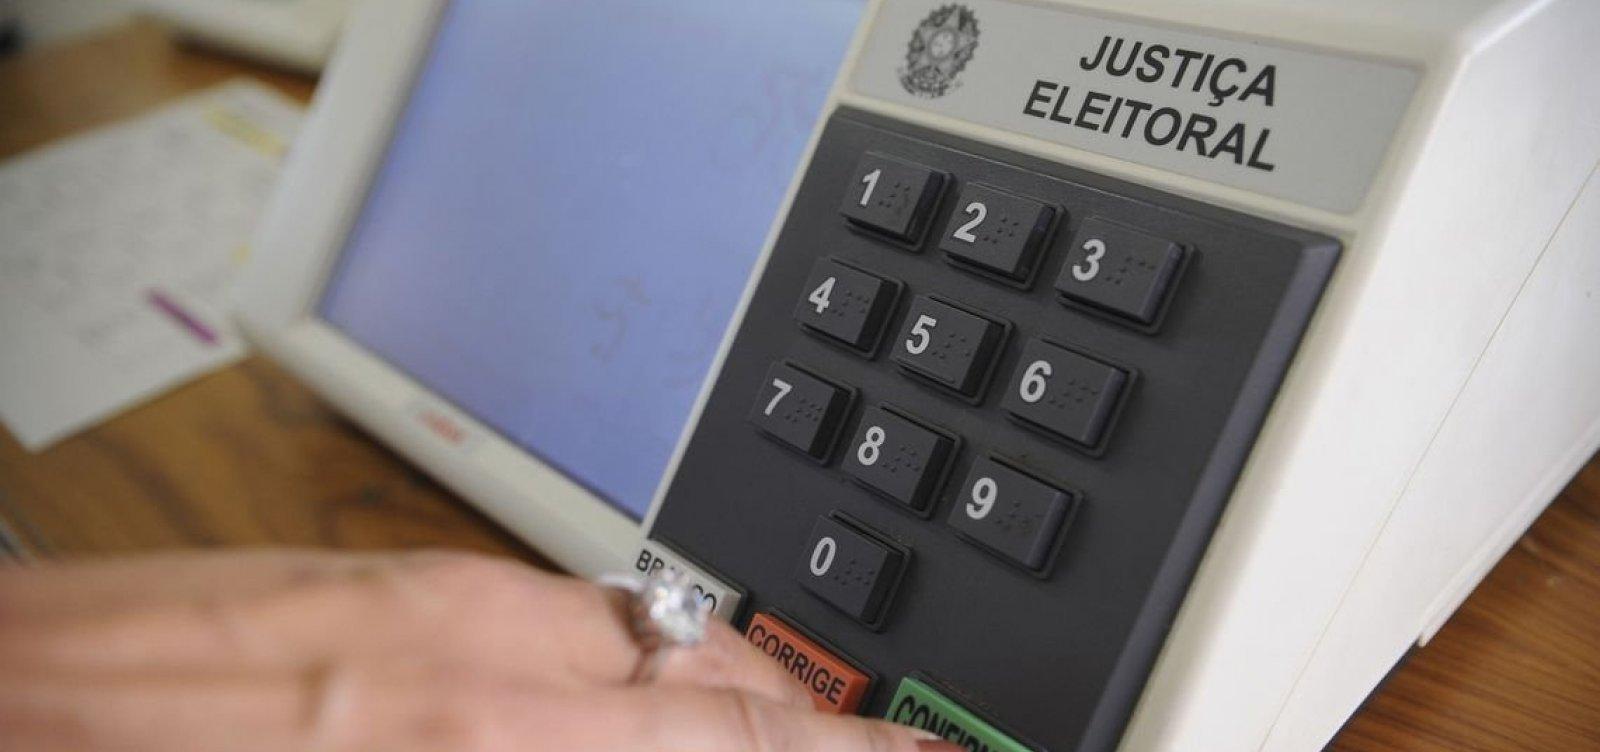 [Número de eleitores entre 16 e 17 anos aptos a votar em 2020 cai, aponta TSE]